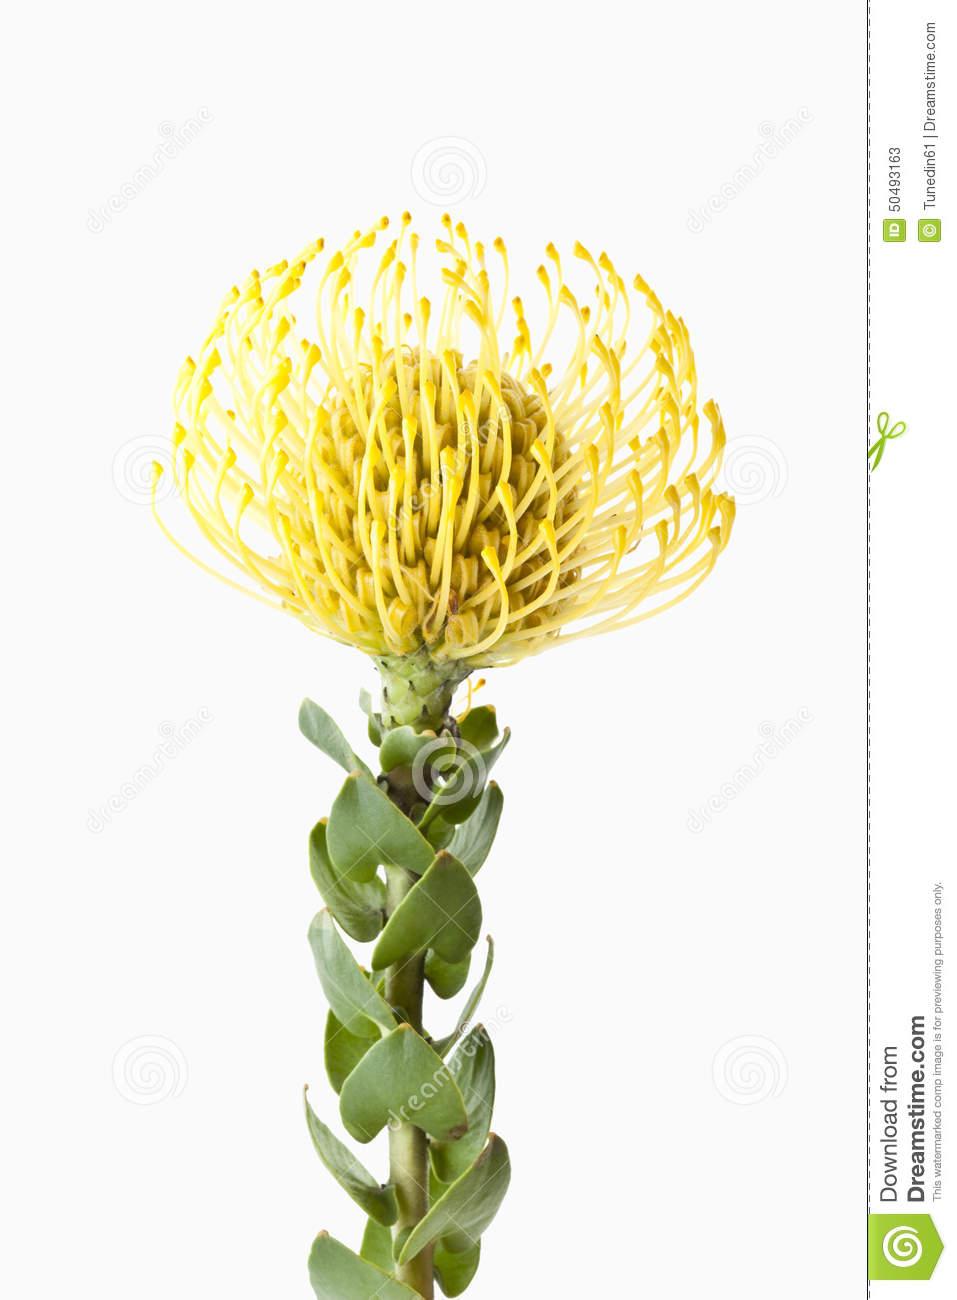 Pincushion Protea Flower (Leucospermum Cordifolium), Close.